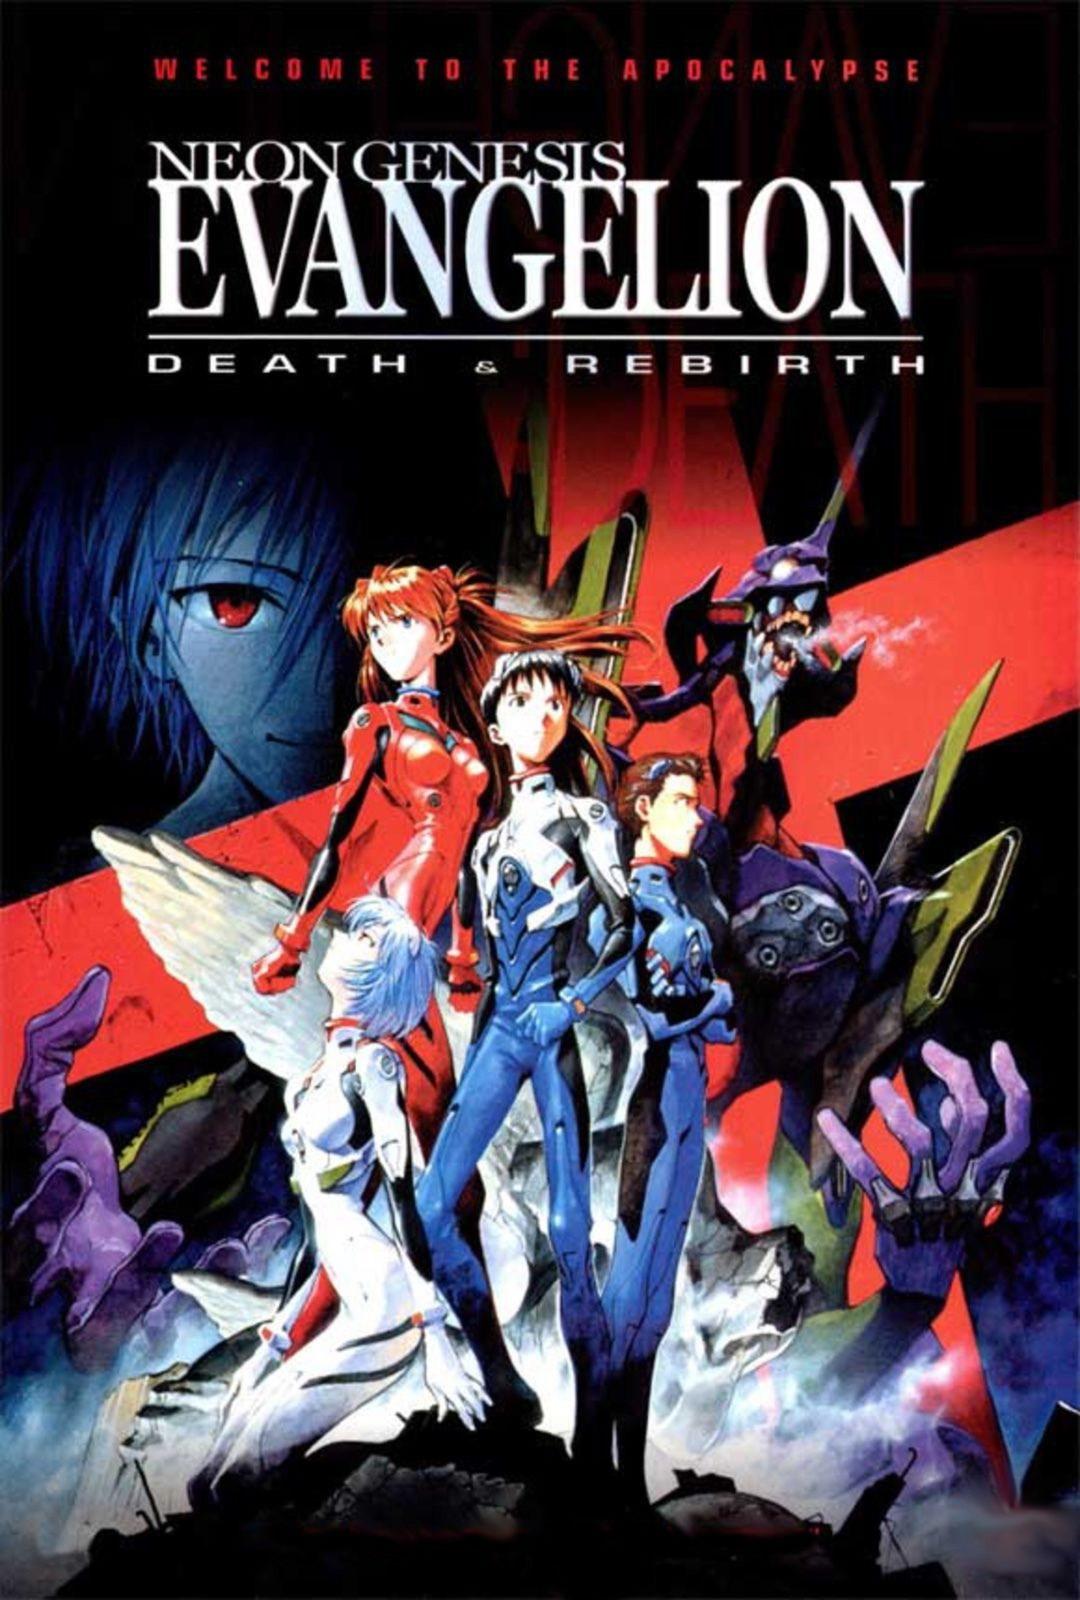 73184-Neon-Genesis-Evangelion-Death-amp-Rebirth-Anime-Wall-Print-Poster-Affiche